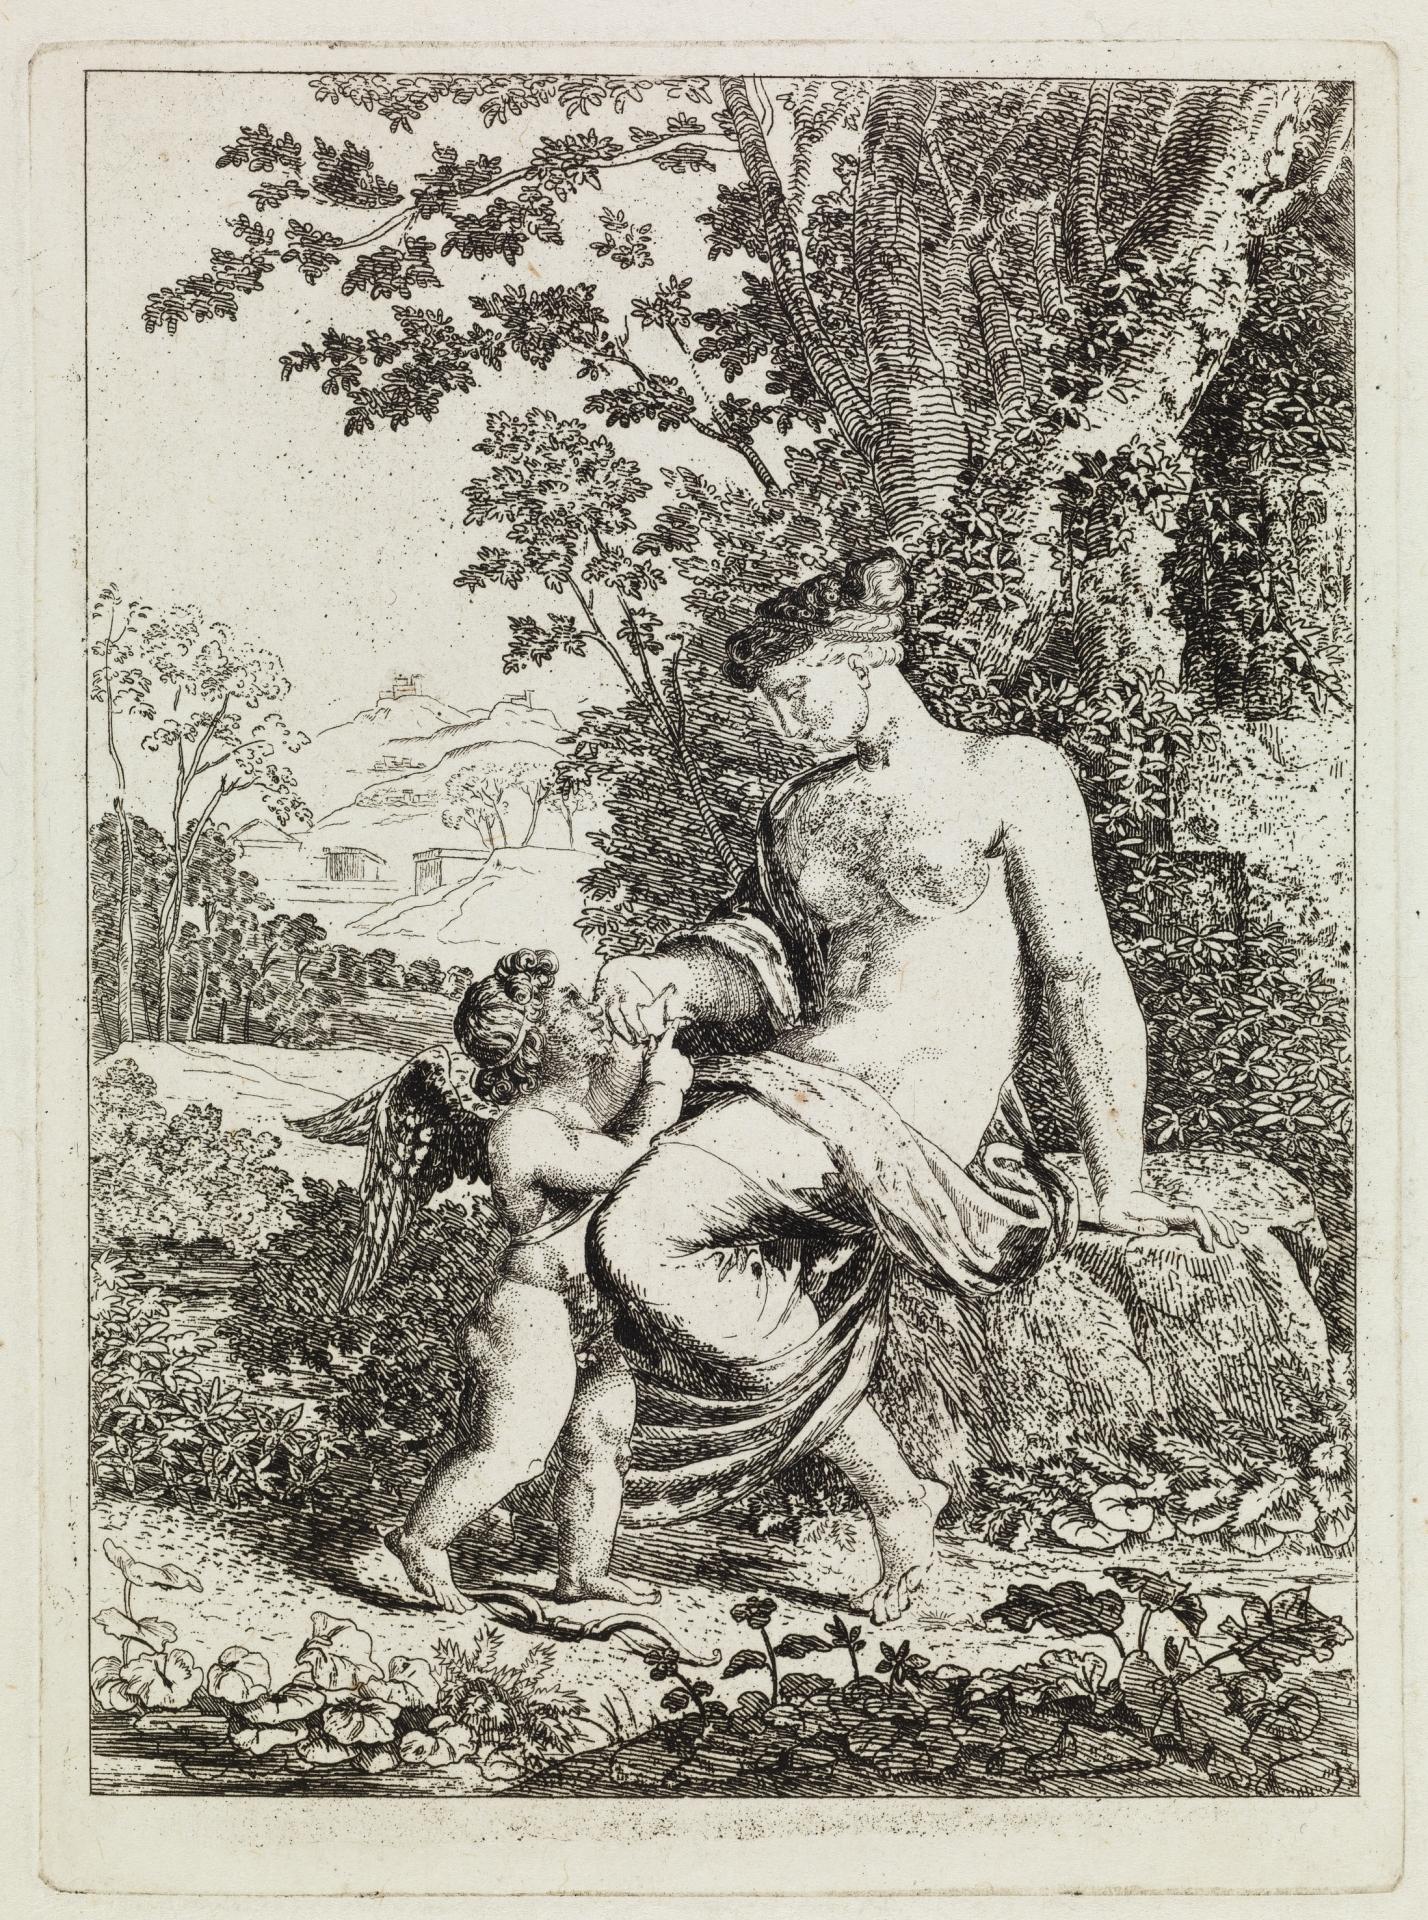 Eros Del Museo Reprendido Nacional Afrodita Por Colección Prado kwON8PXZn0